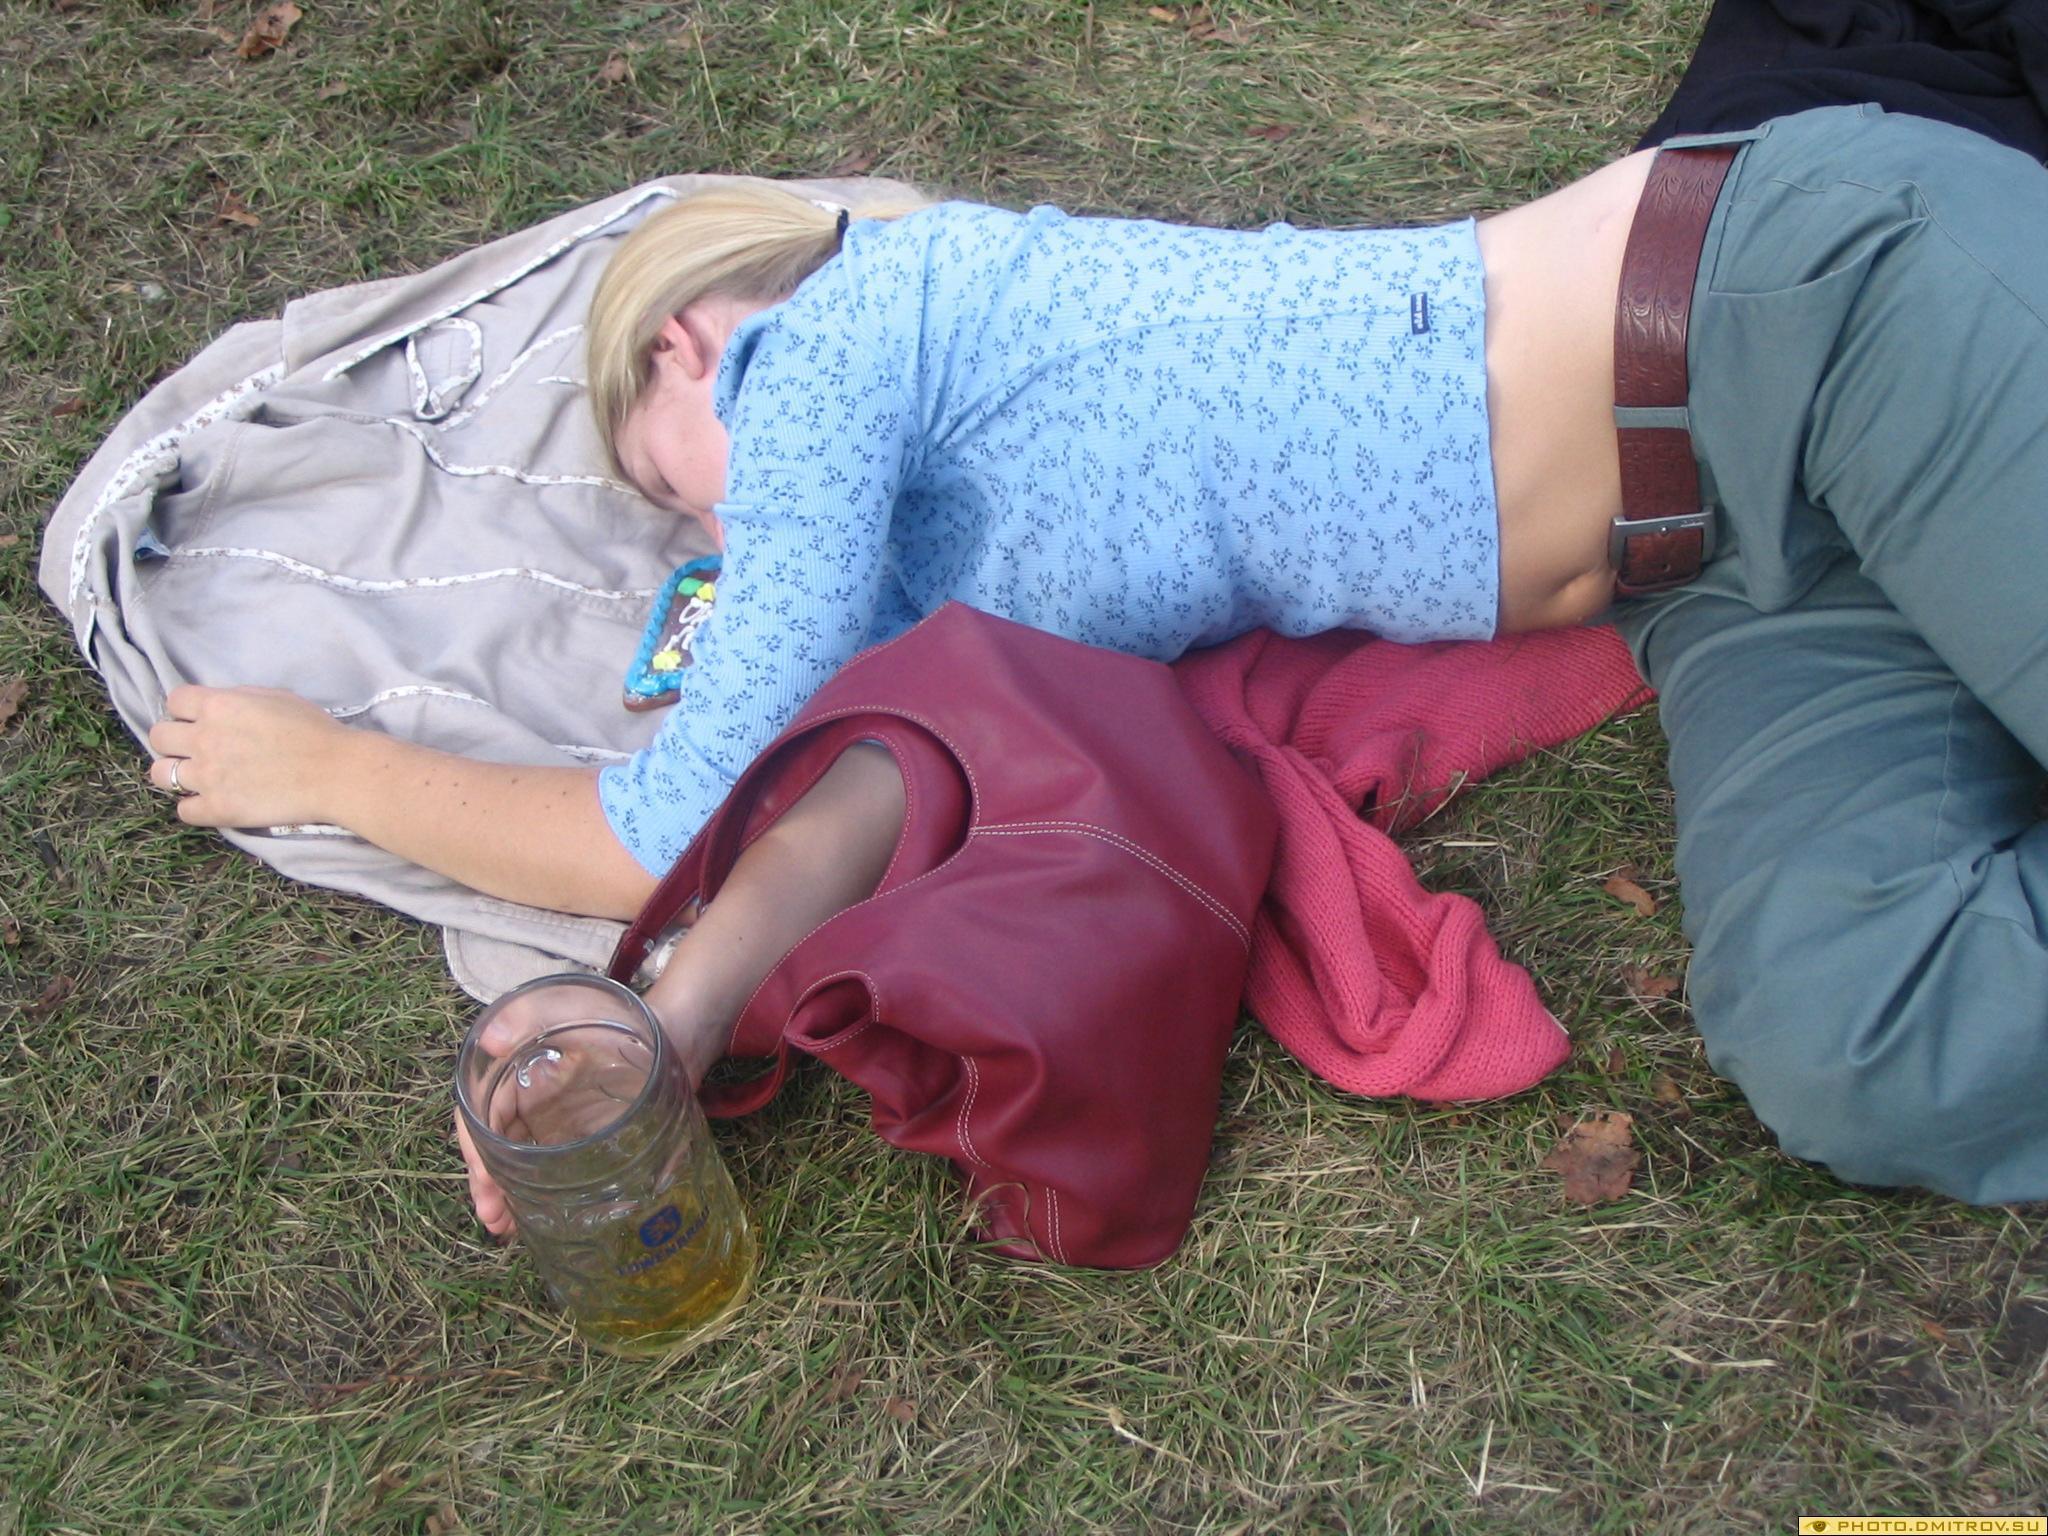 Пьяную девочку в попу онлайн 5 фотография